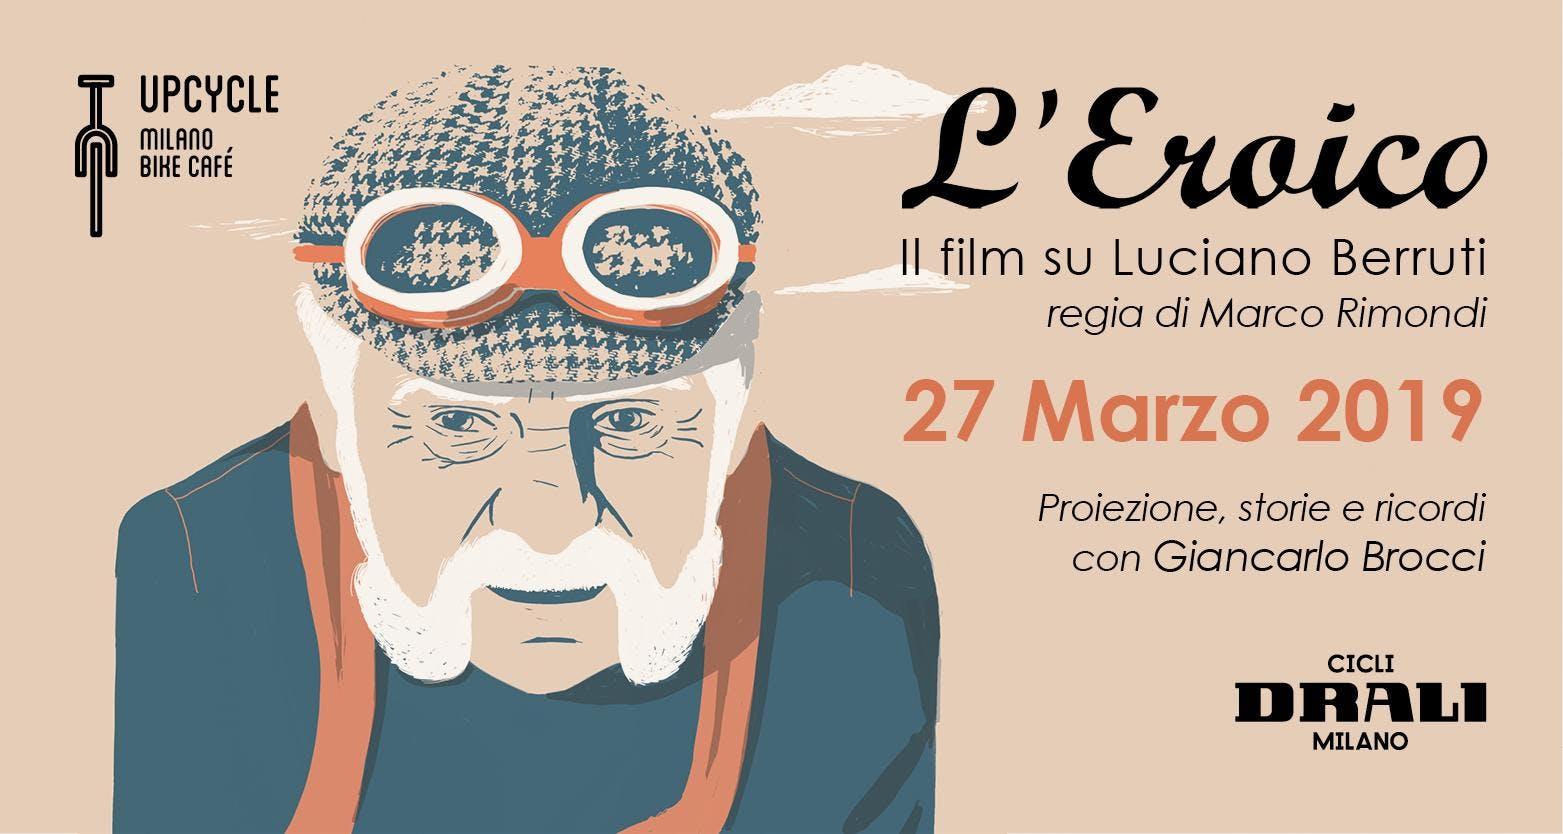 L'EROICO il film su Luciano Berruti